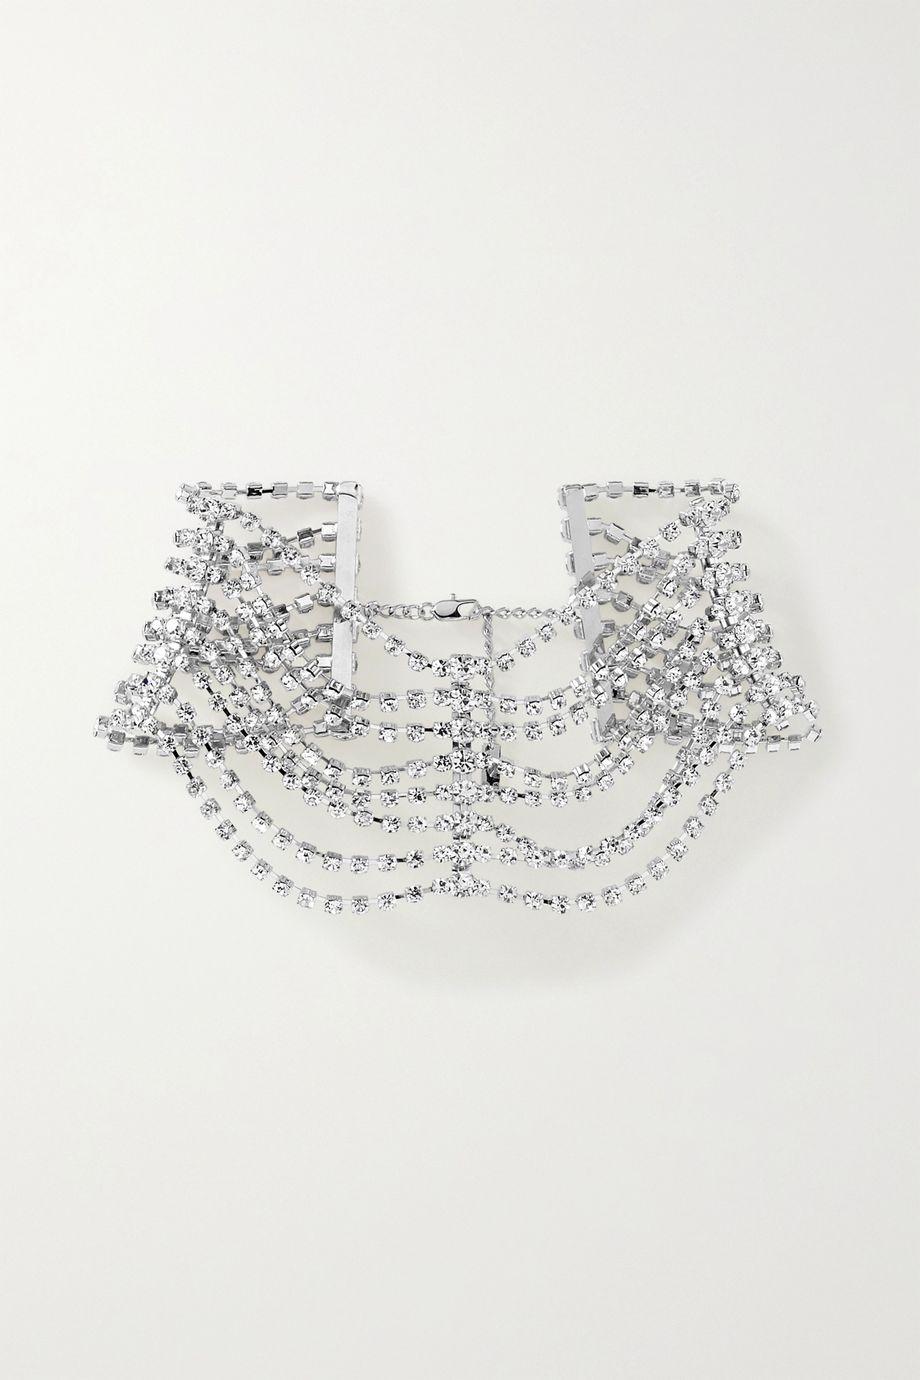 AREA 水晶银色项圈式项链